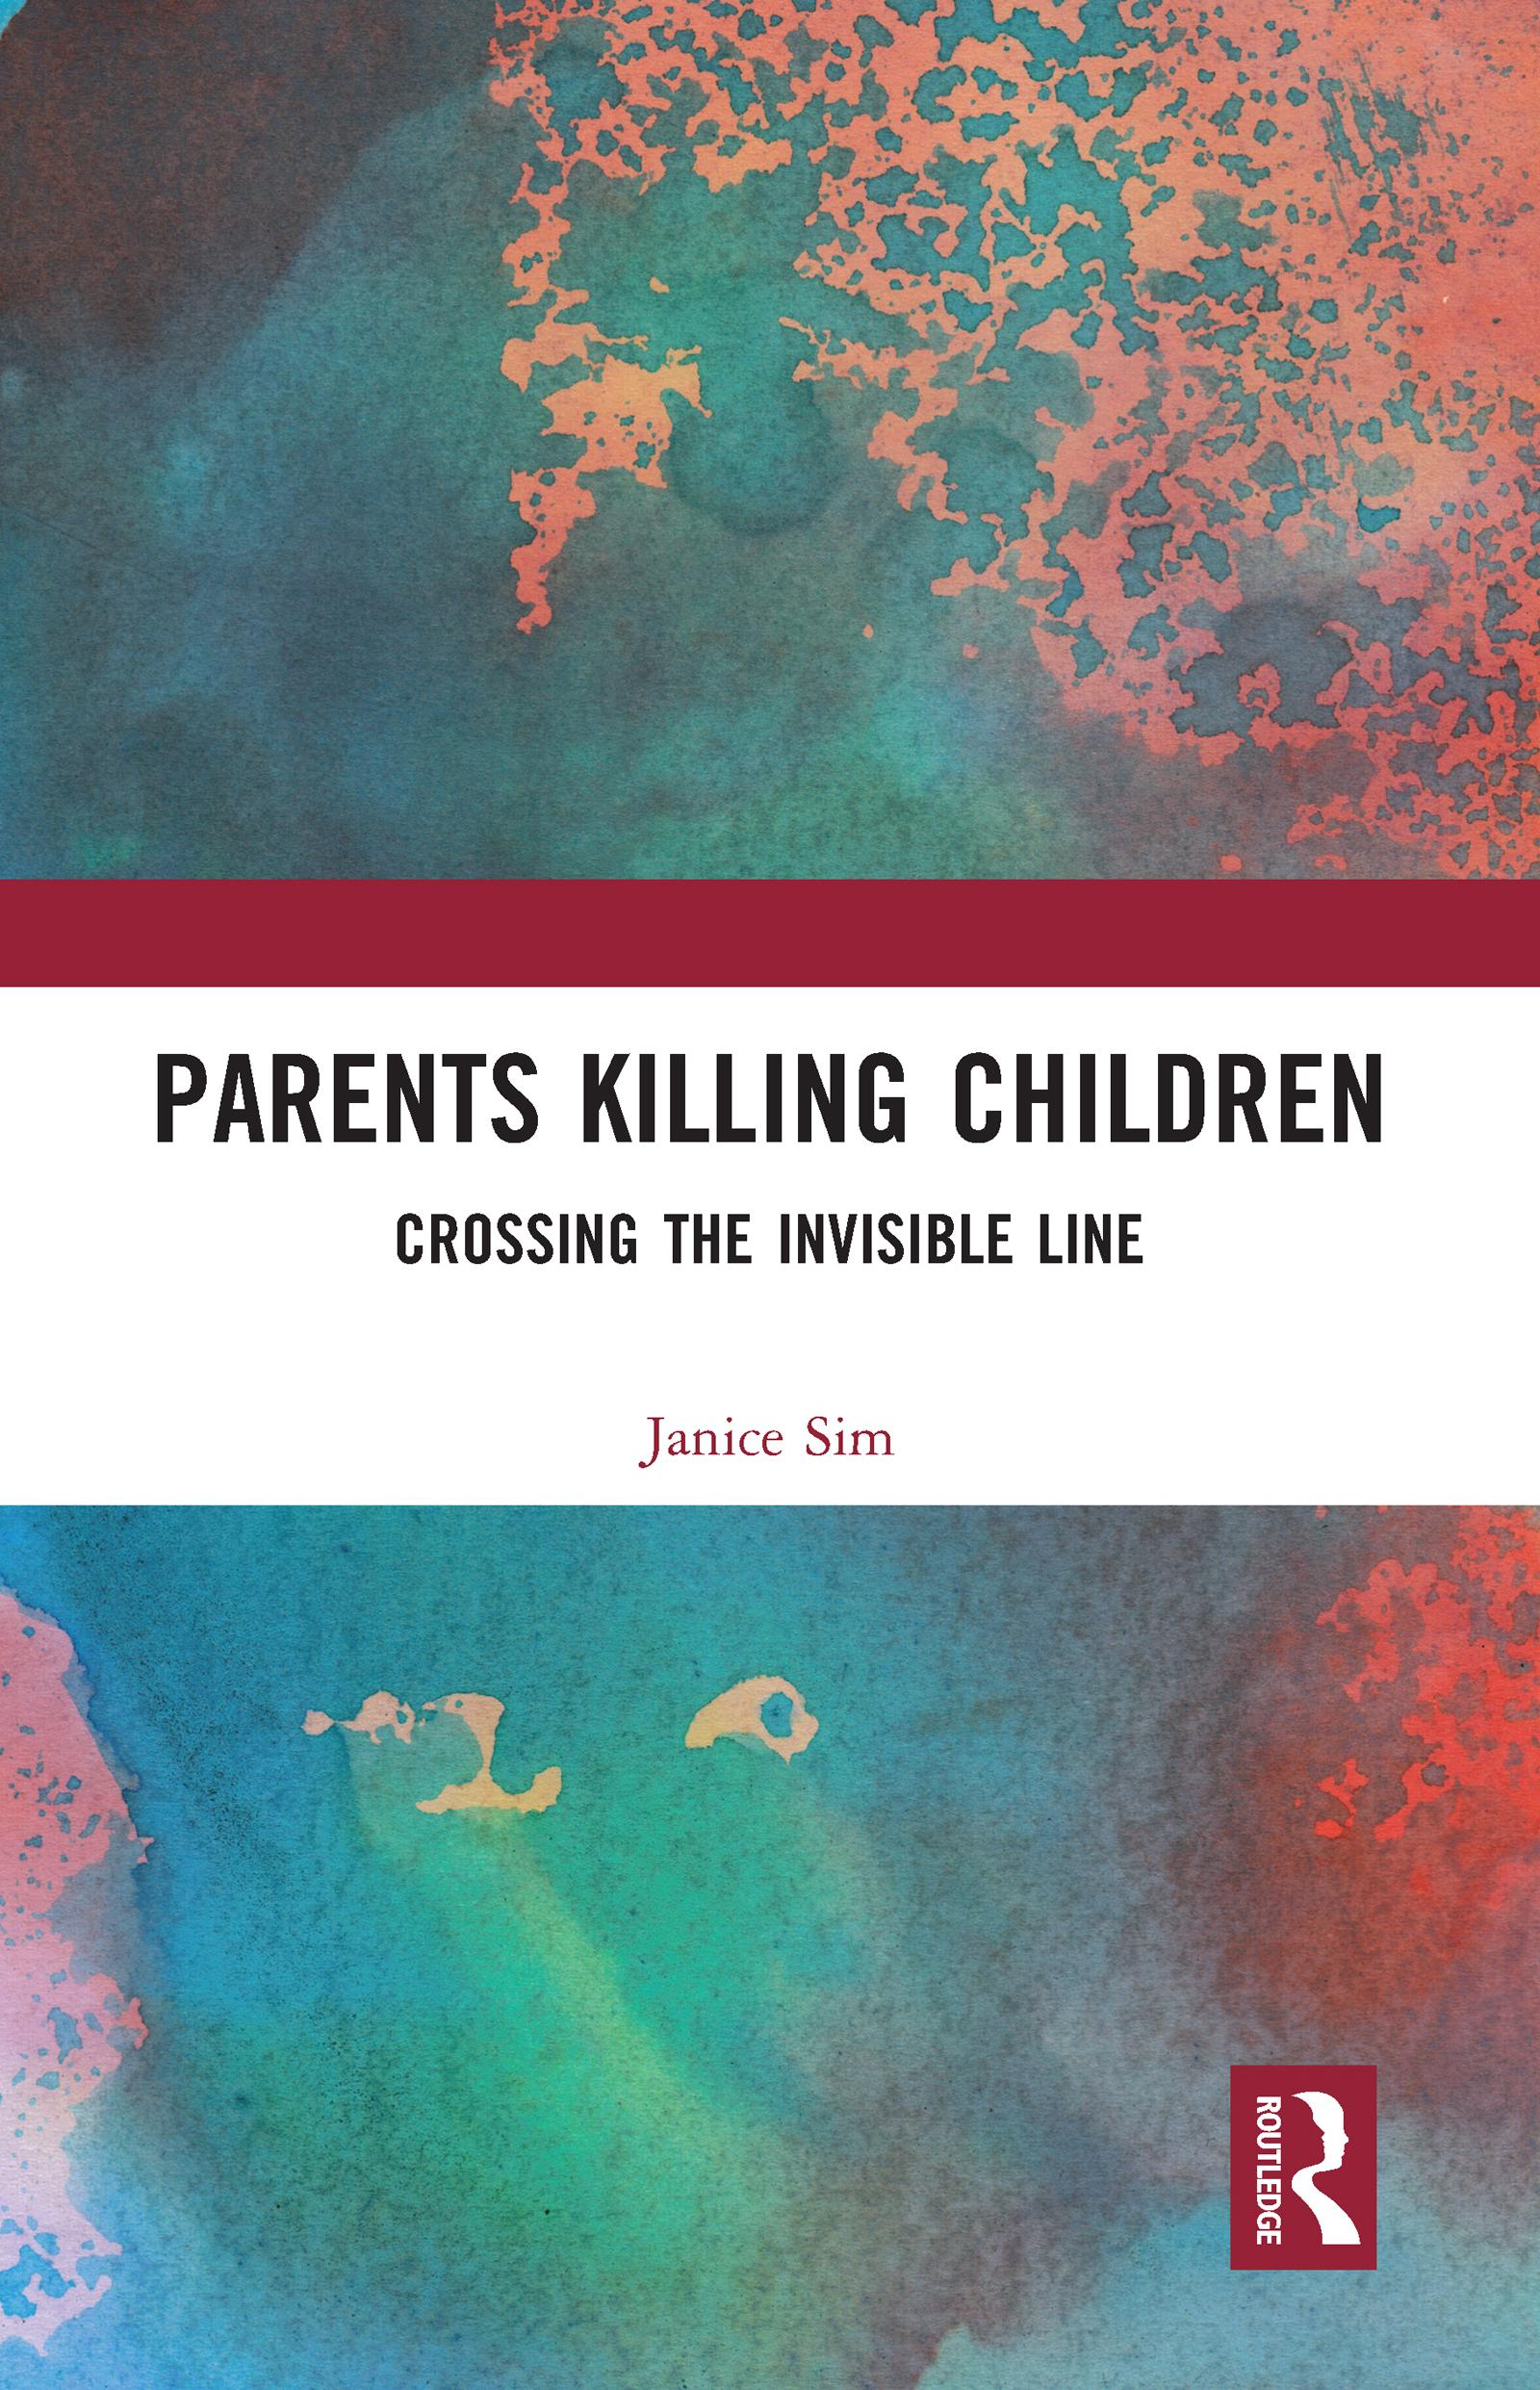 Parents Killing Children